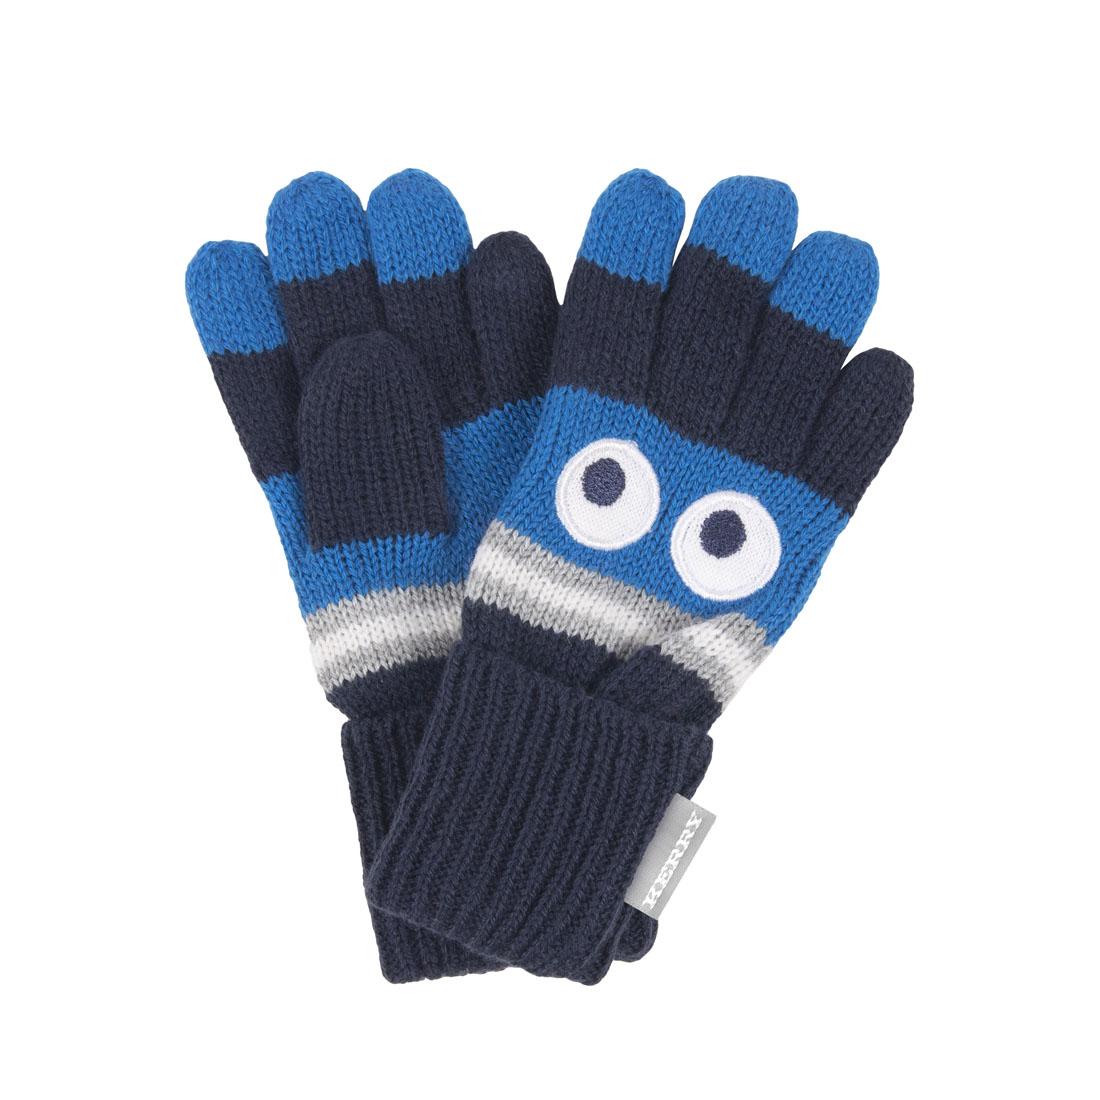 Перчатки для мальчиков KERRY GLAES K20096, размер 2